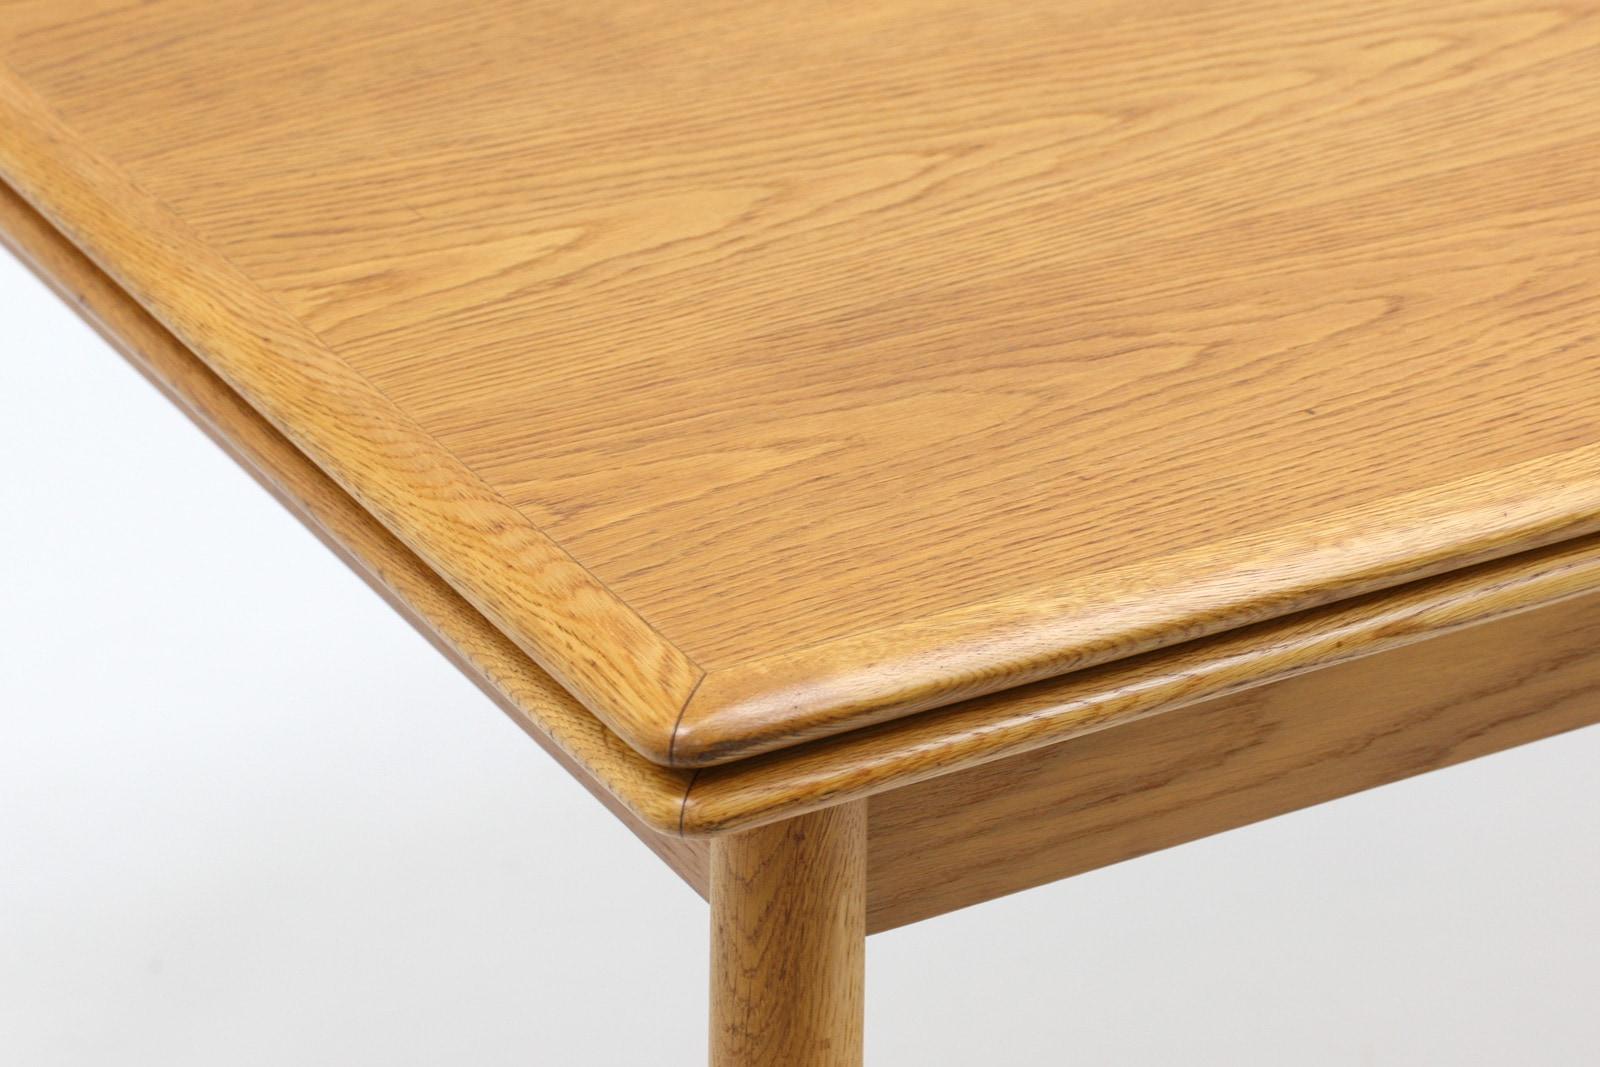 北欧,家具,ヴィンテージ,ダイニングテーブル,オーク材,140cm